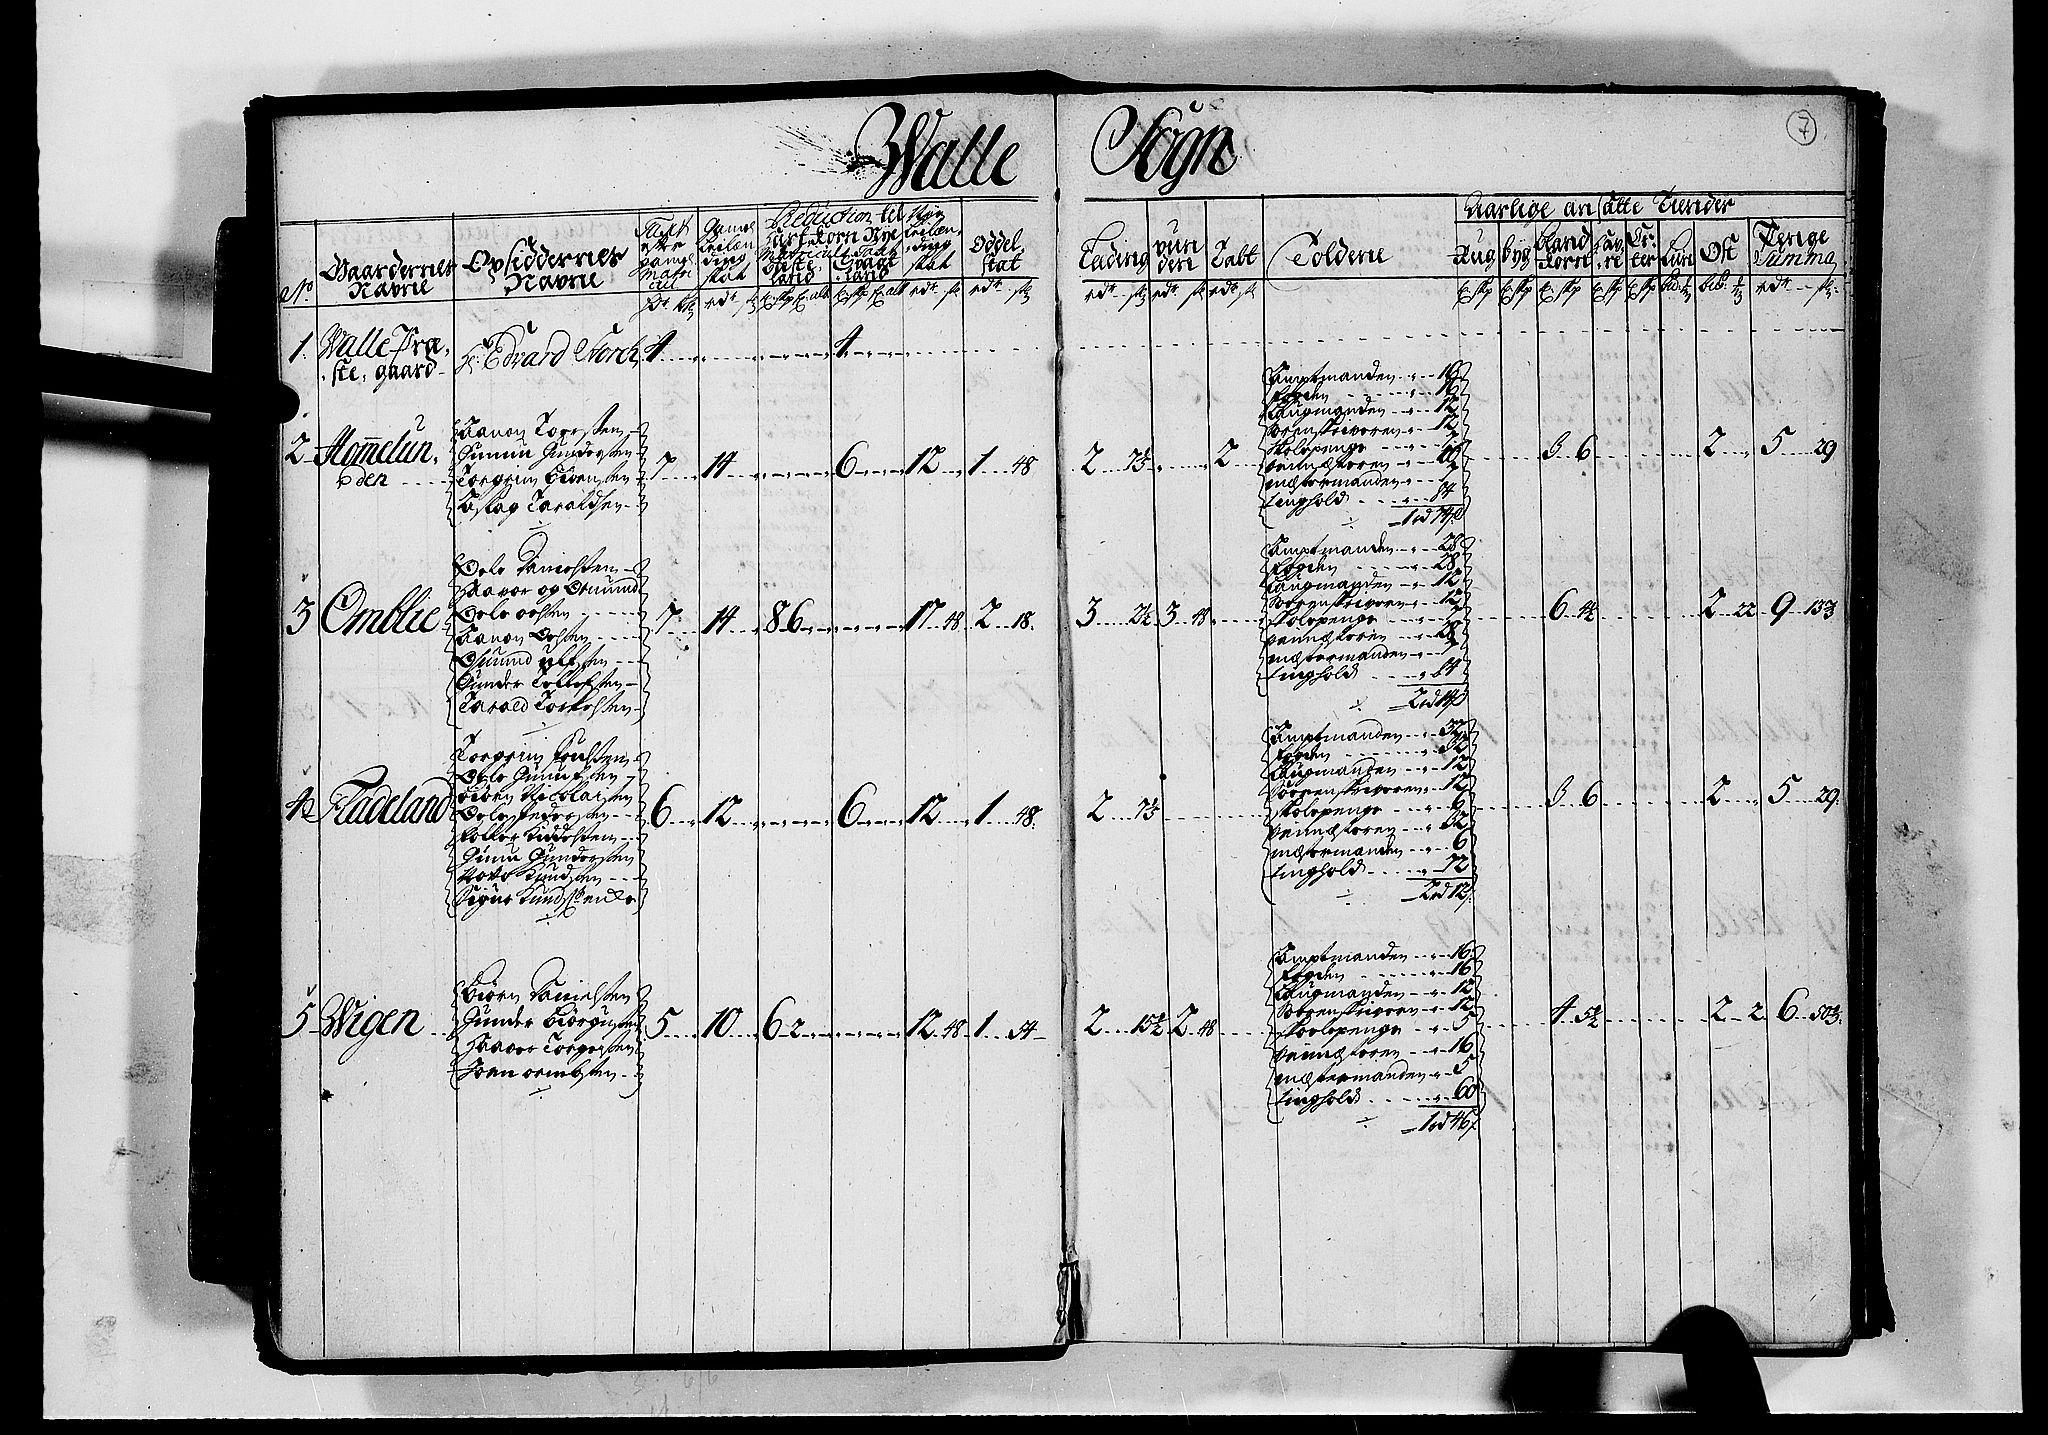 RA, Rentekammeret inntil 1814, Realistisk ordnet avdeling, N/Nb/Nbf/L0126: Råbyggelag matrikkelprotokoll, 1723, s. 6b-7a